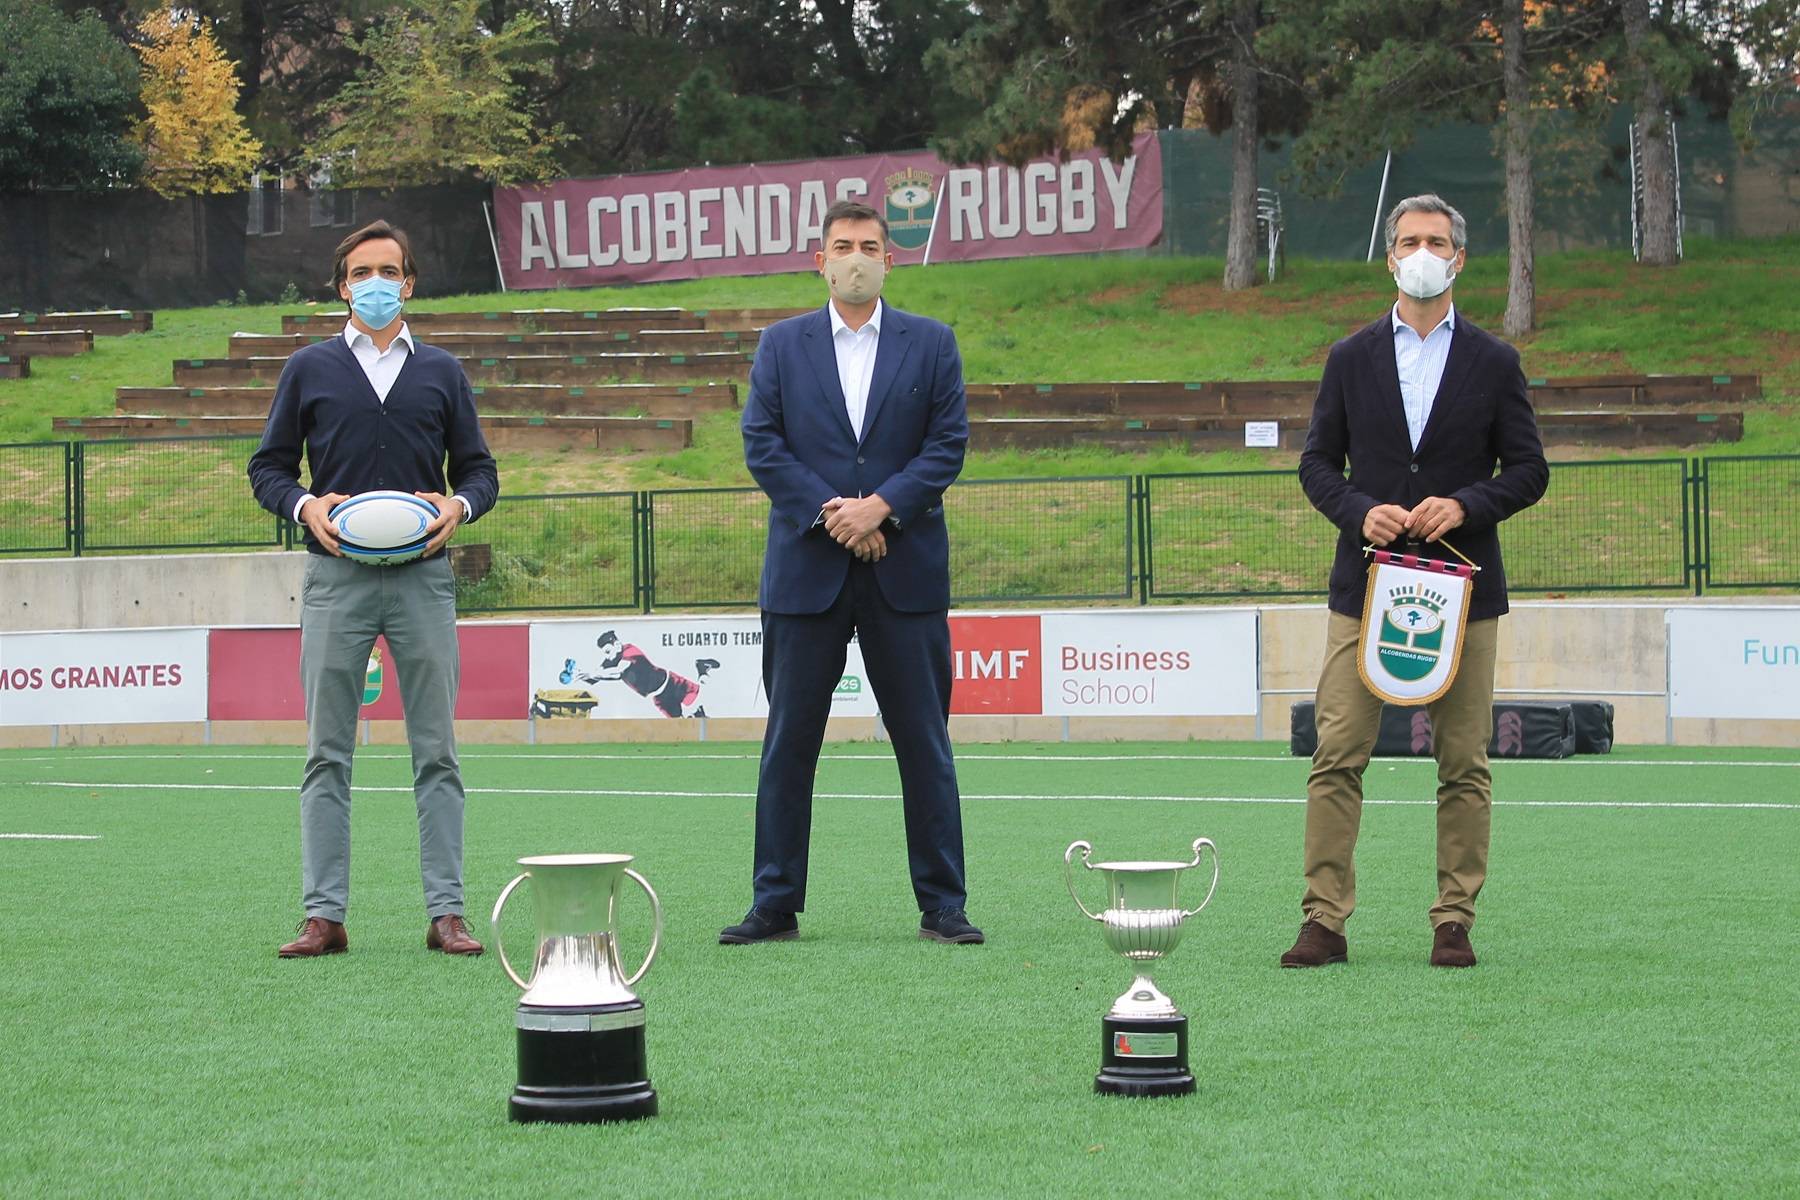 Opengy y Enertis nuevos patrocinadores del Lexus Alcobendas Rugby